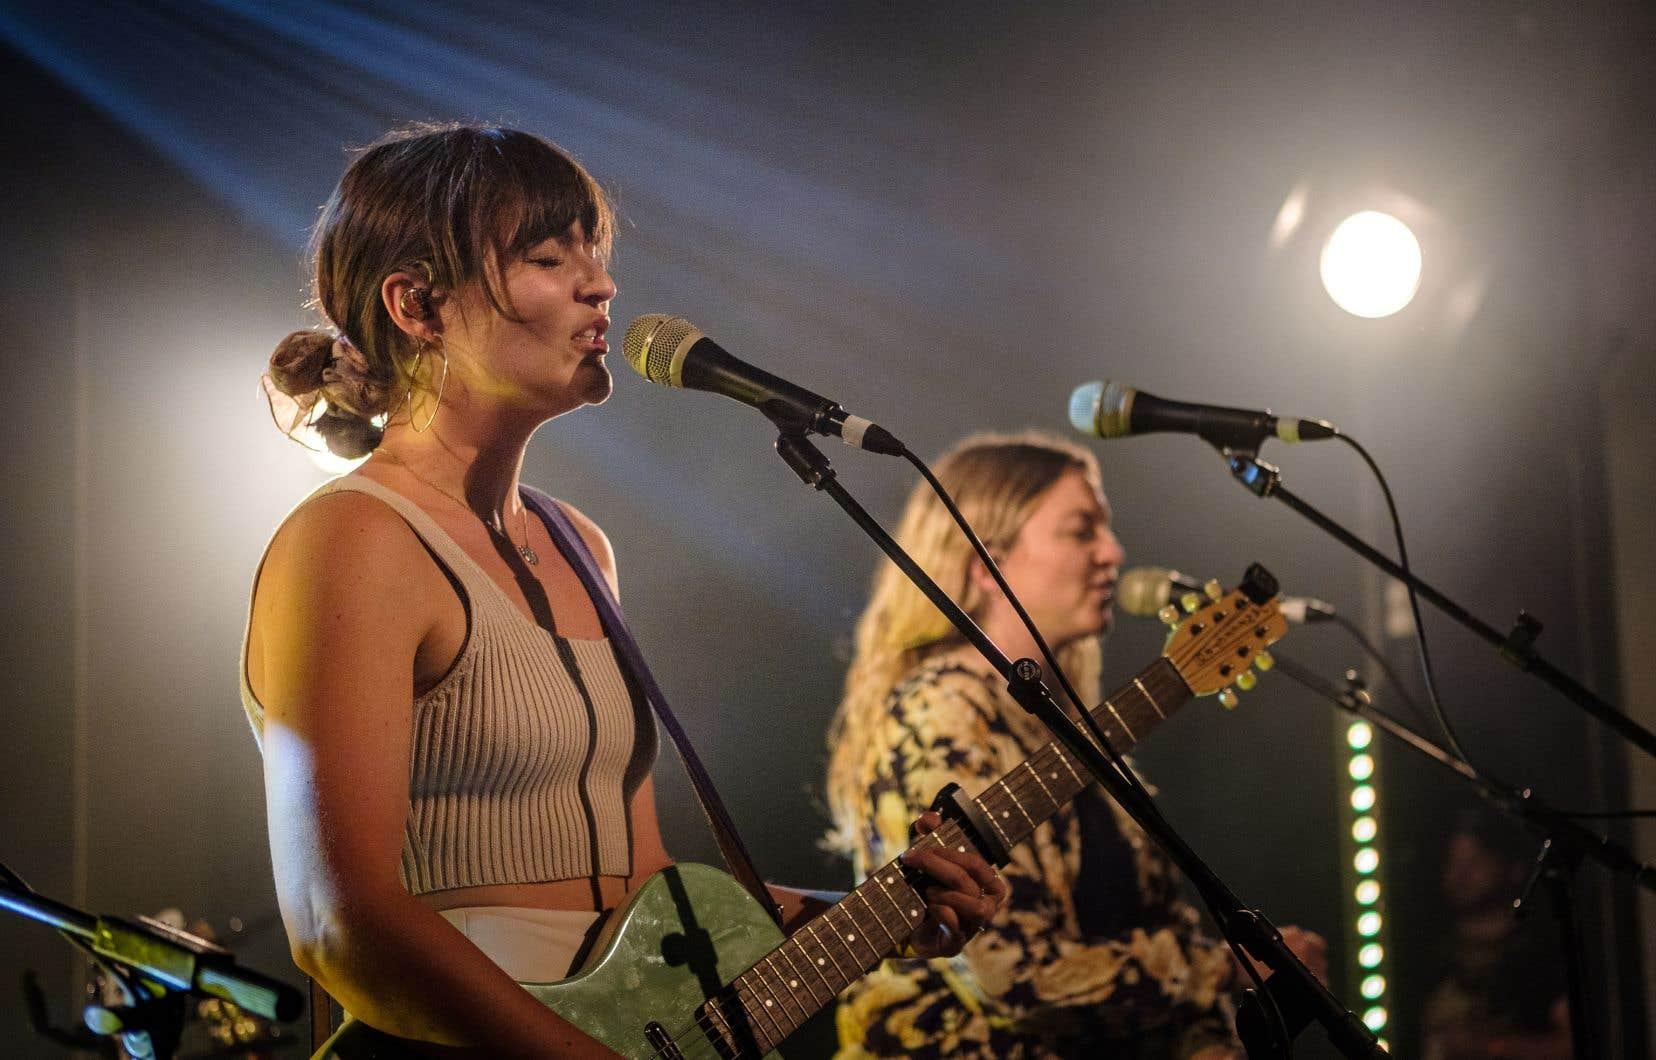 Stéphanie et Mélanie Boulay ont offert en primeur plusieurs chansons tirées de leur nouvel album, qui paraîtra vendredi prochain.